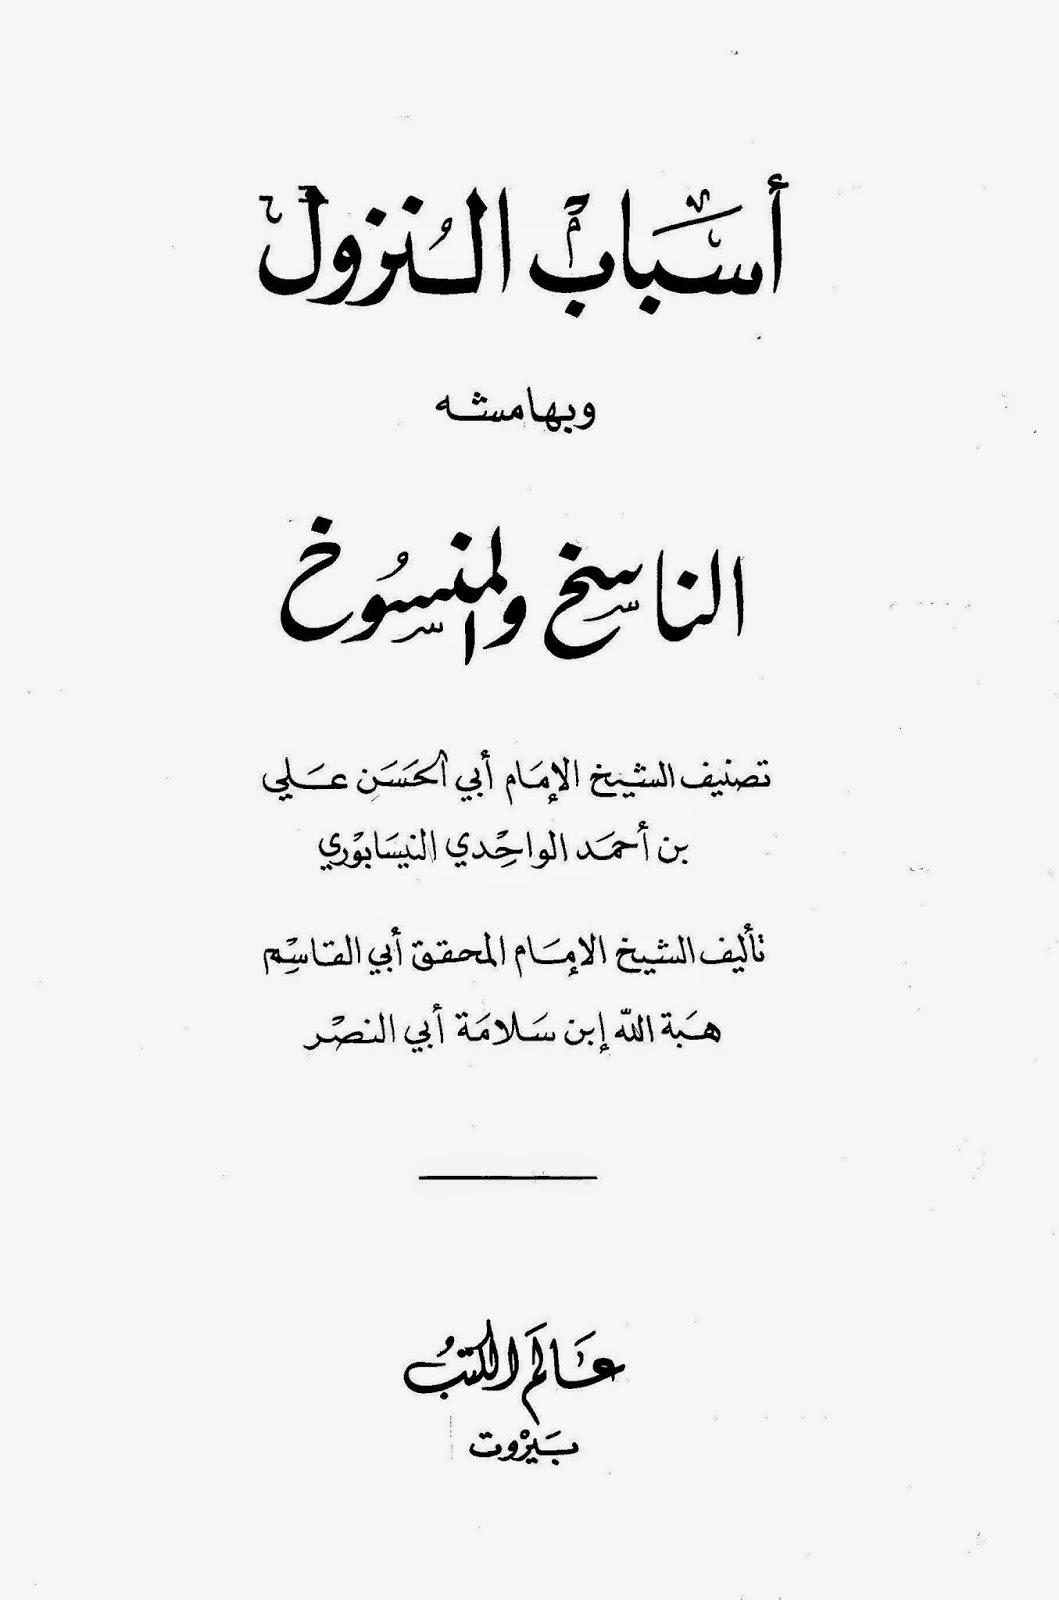 أسباب النزول للإمام الواحدي وبهامشه الناسخ والمنسوخ pdf